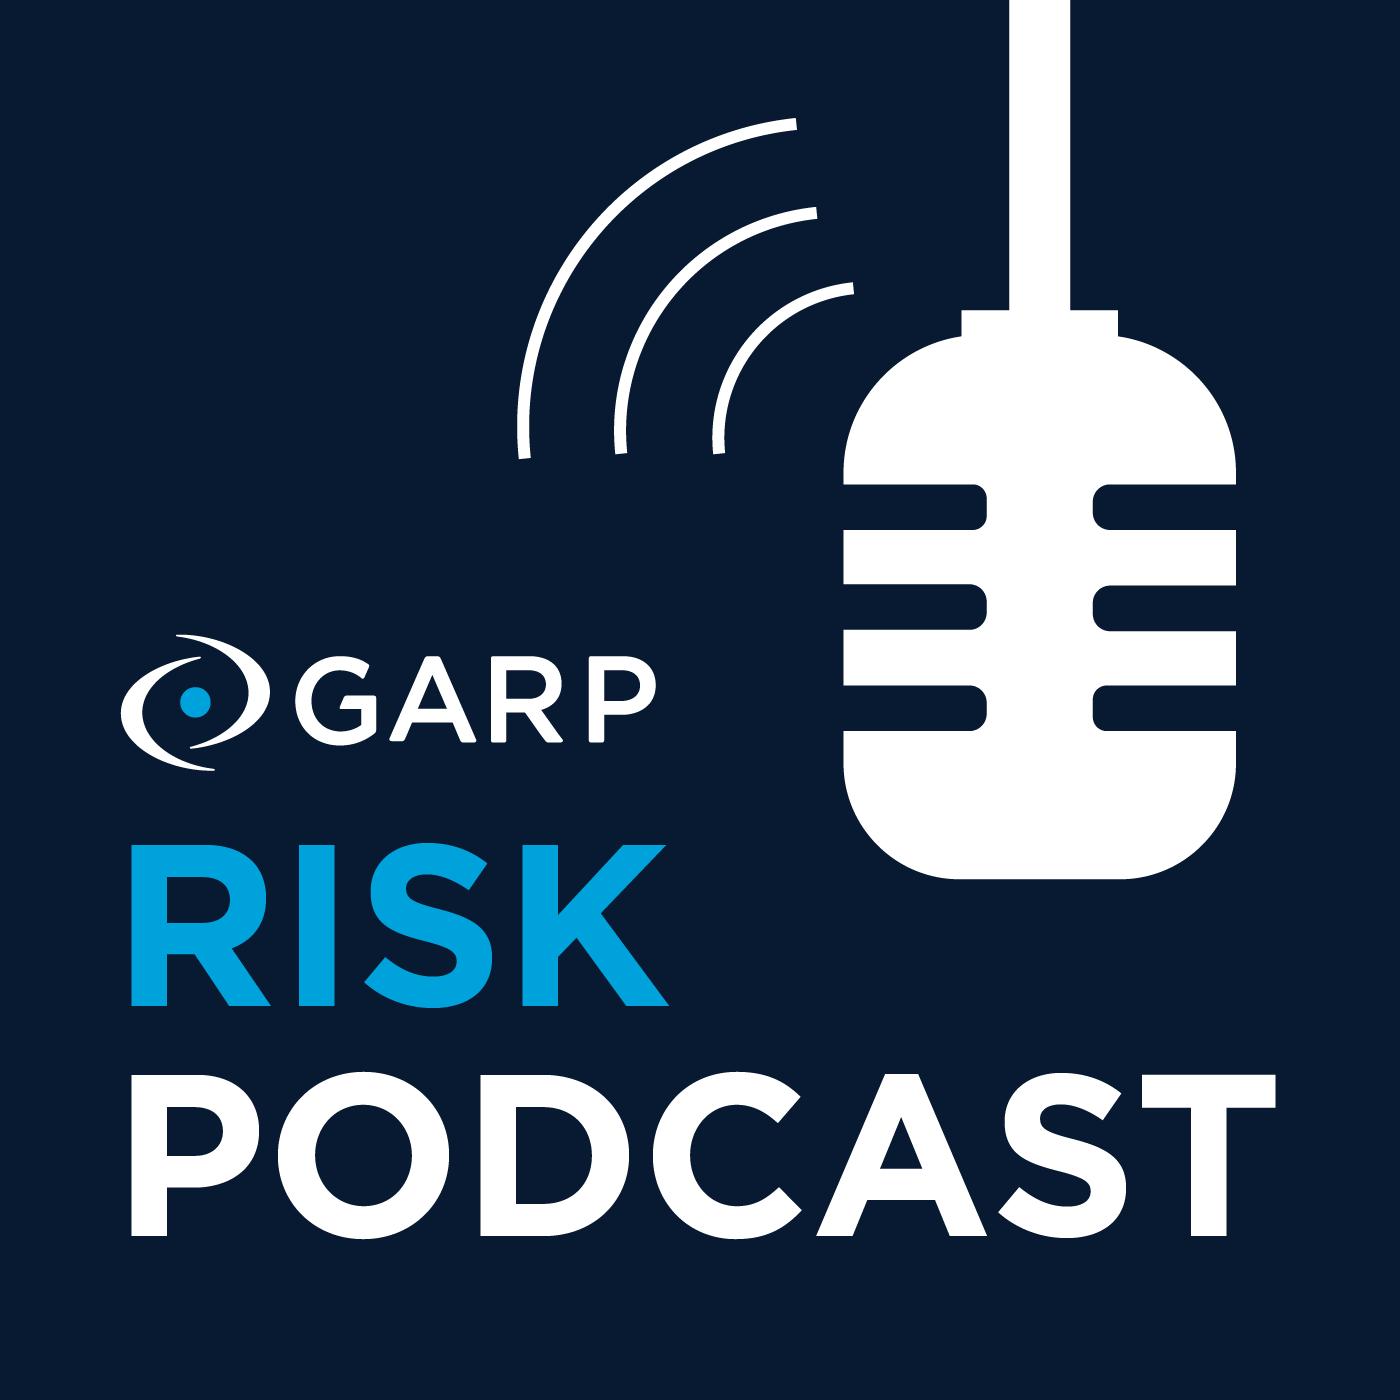 GARP Risk Podcast show art